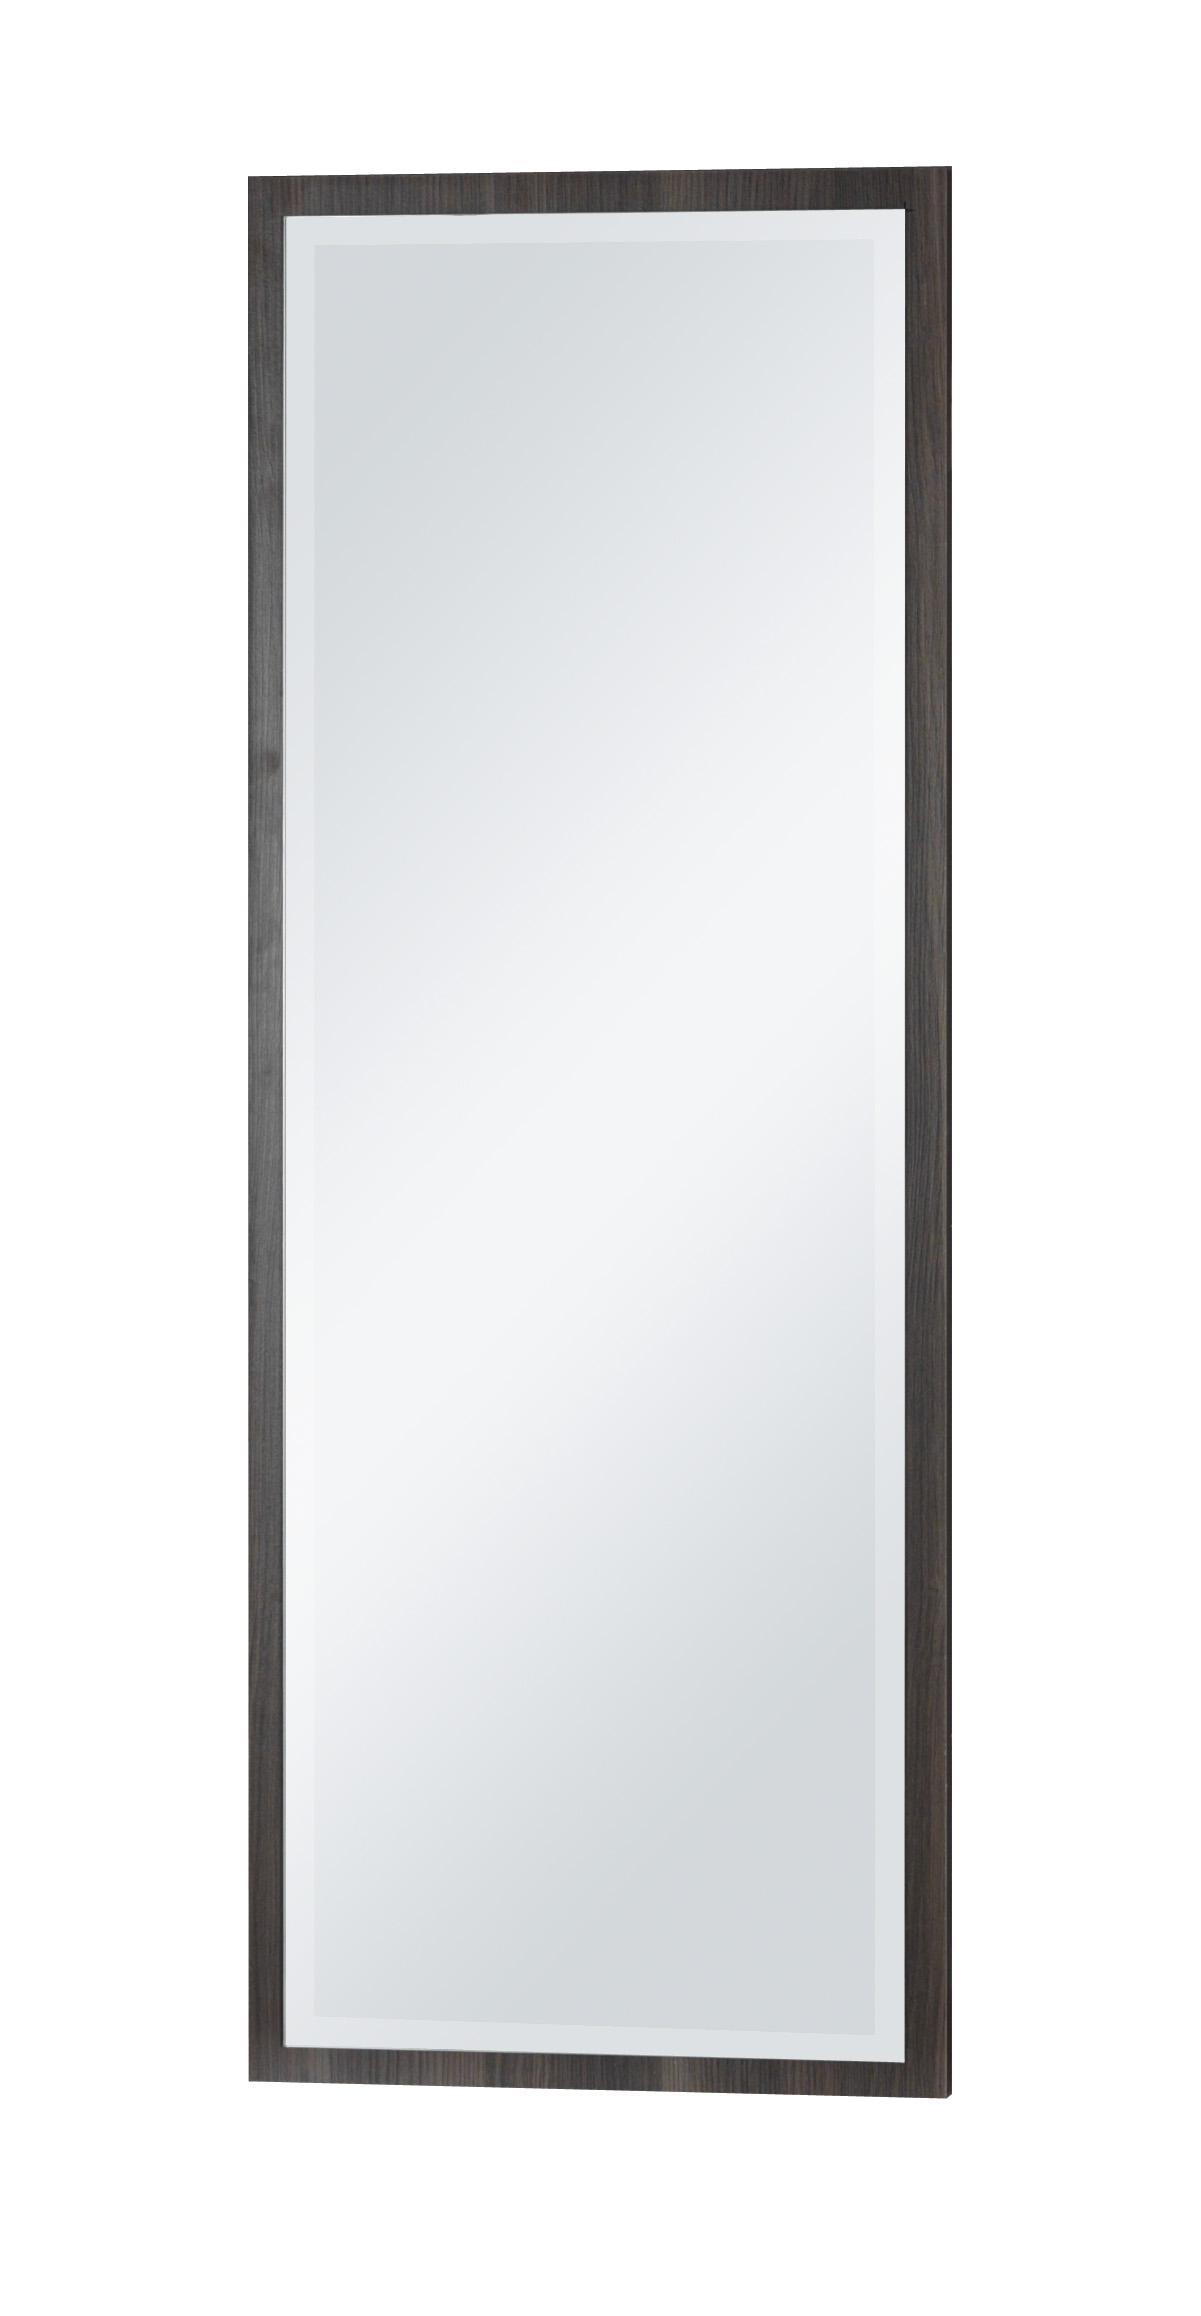 Zrcadlo - Irvine - I24 (jasan tmavý)